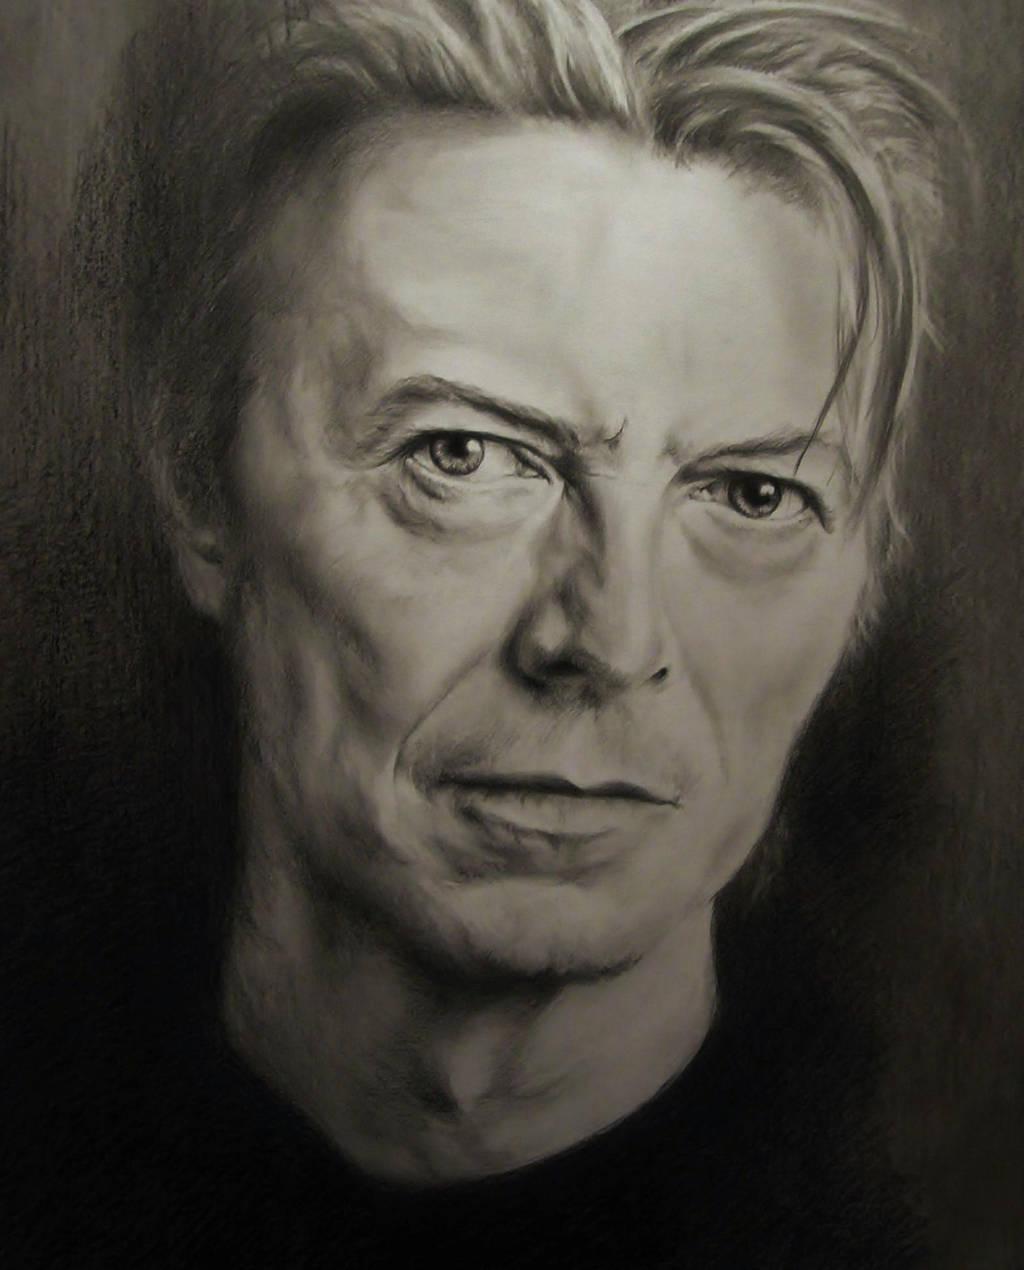 David Bowie By Sergejbag On Deviantart